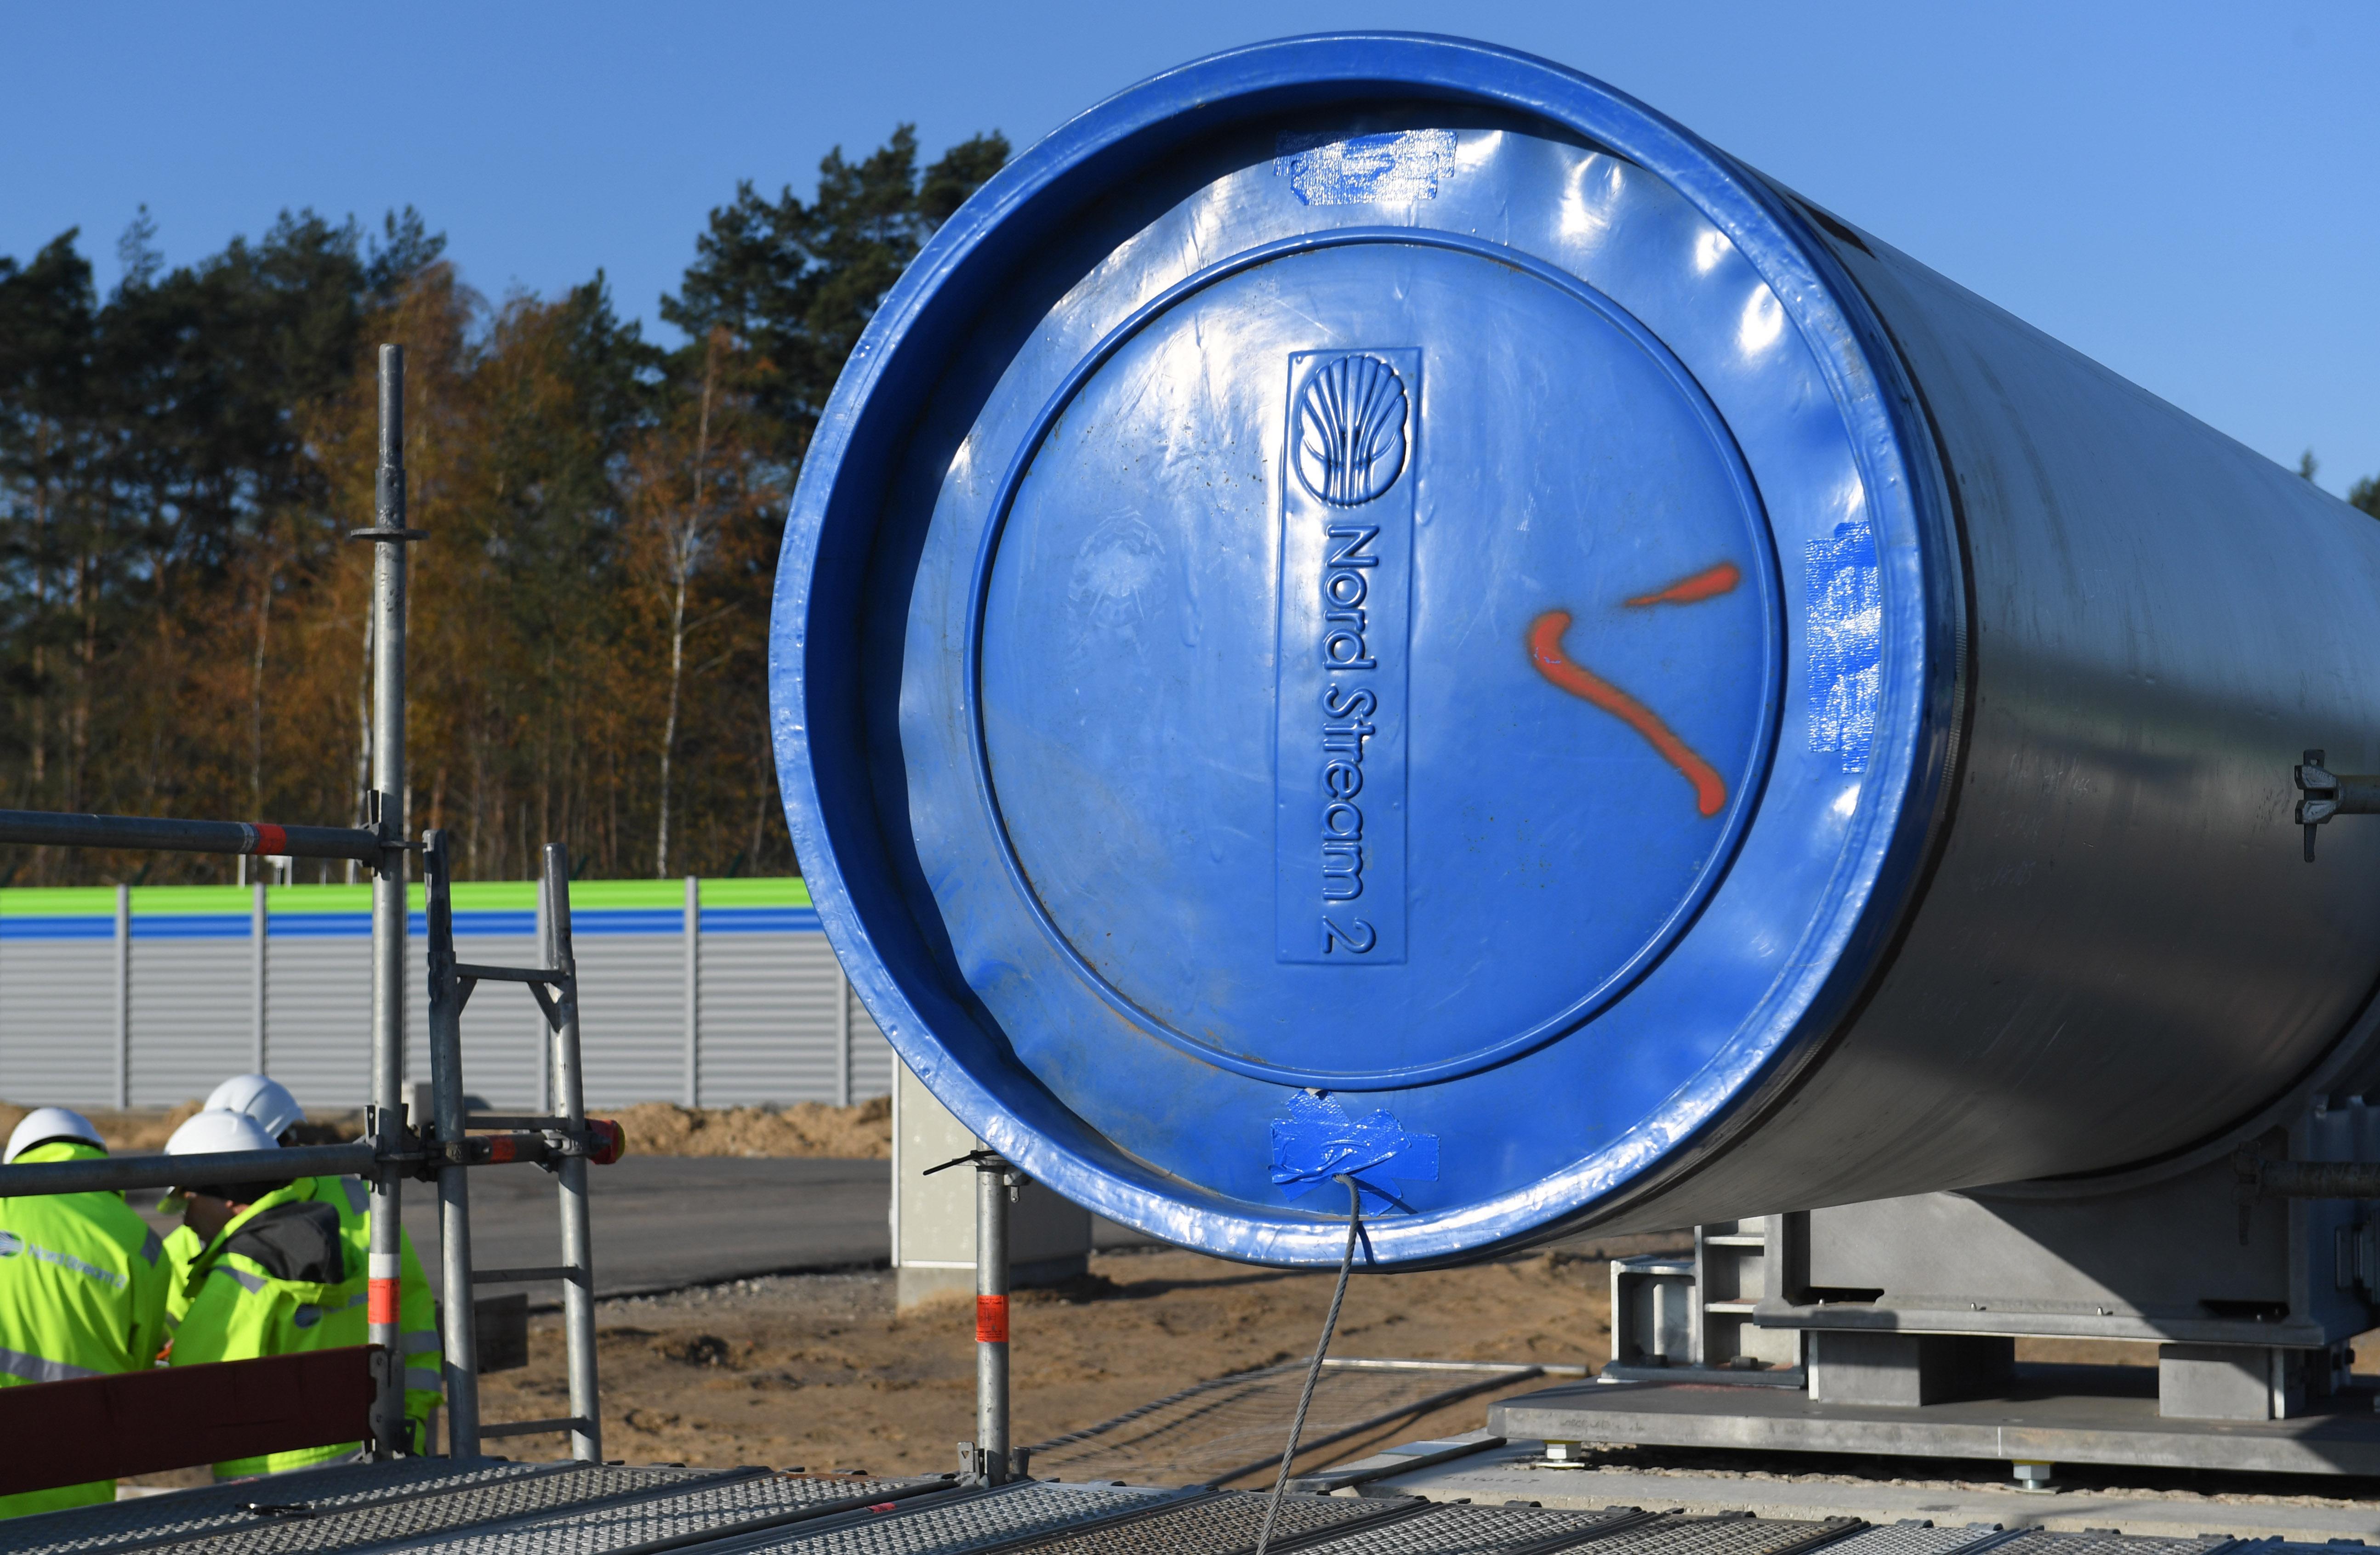 Глава австрийской нефтегазовой корпорации призвал ответить на санкции США в адрес